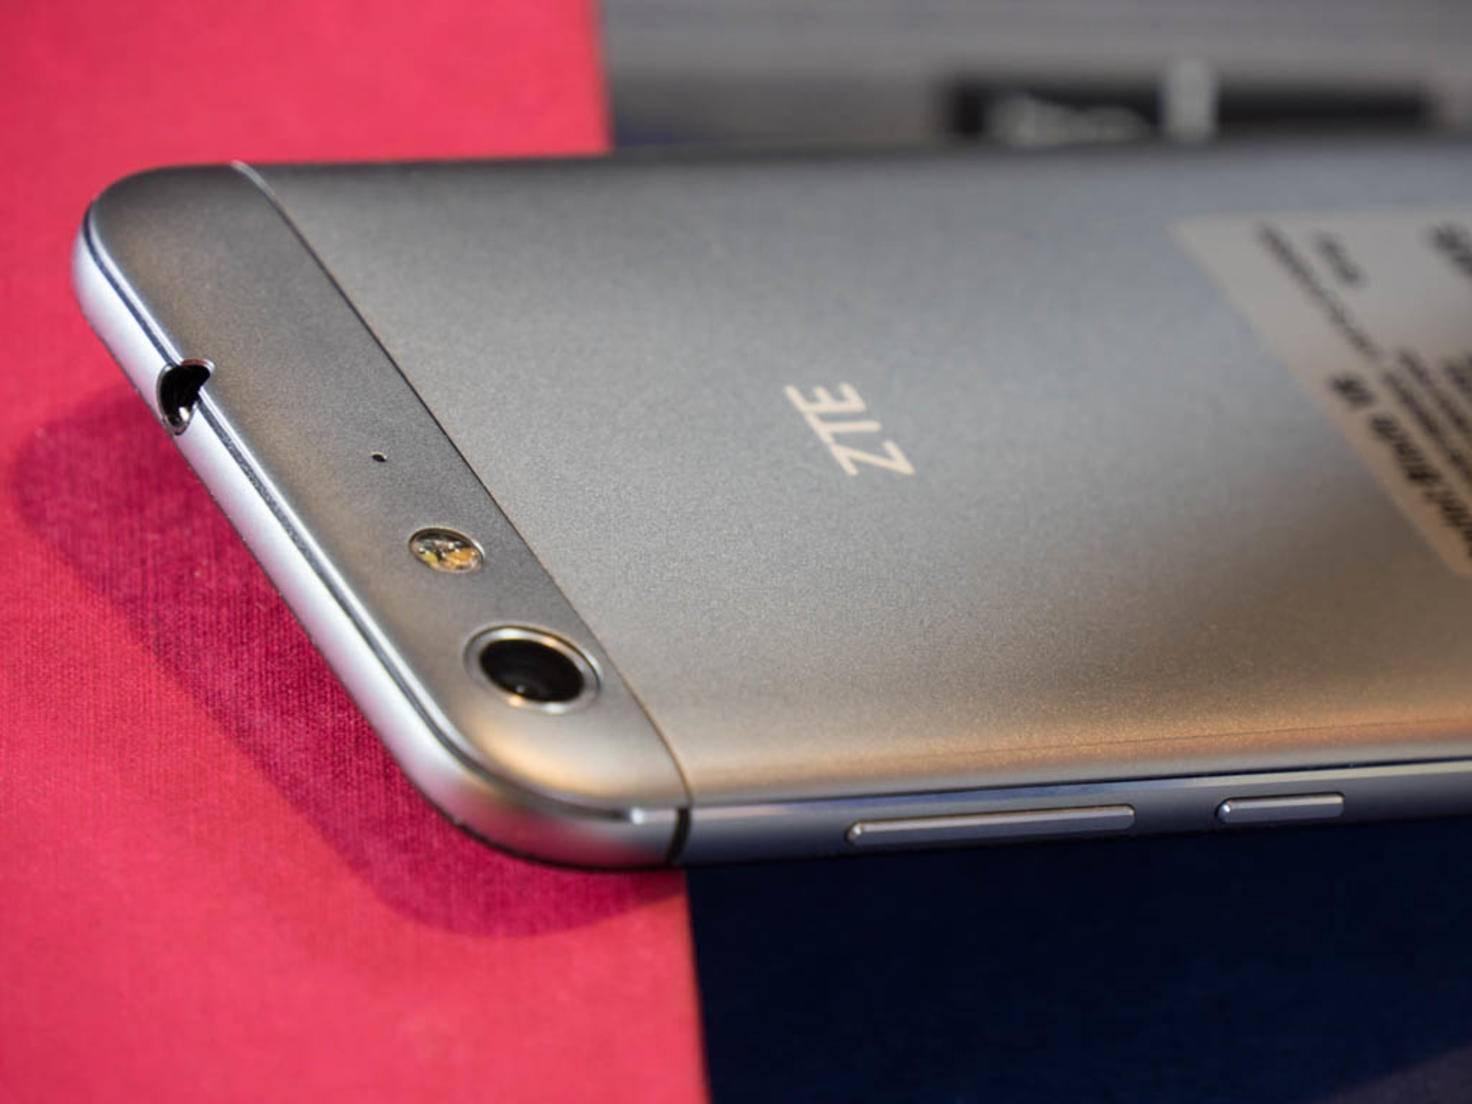 Die Kamera des ZTE Blade V6 erlaubt Bildaufnahmen mit 13 MP Auflösung.